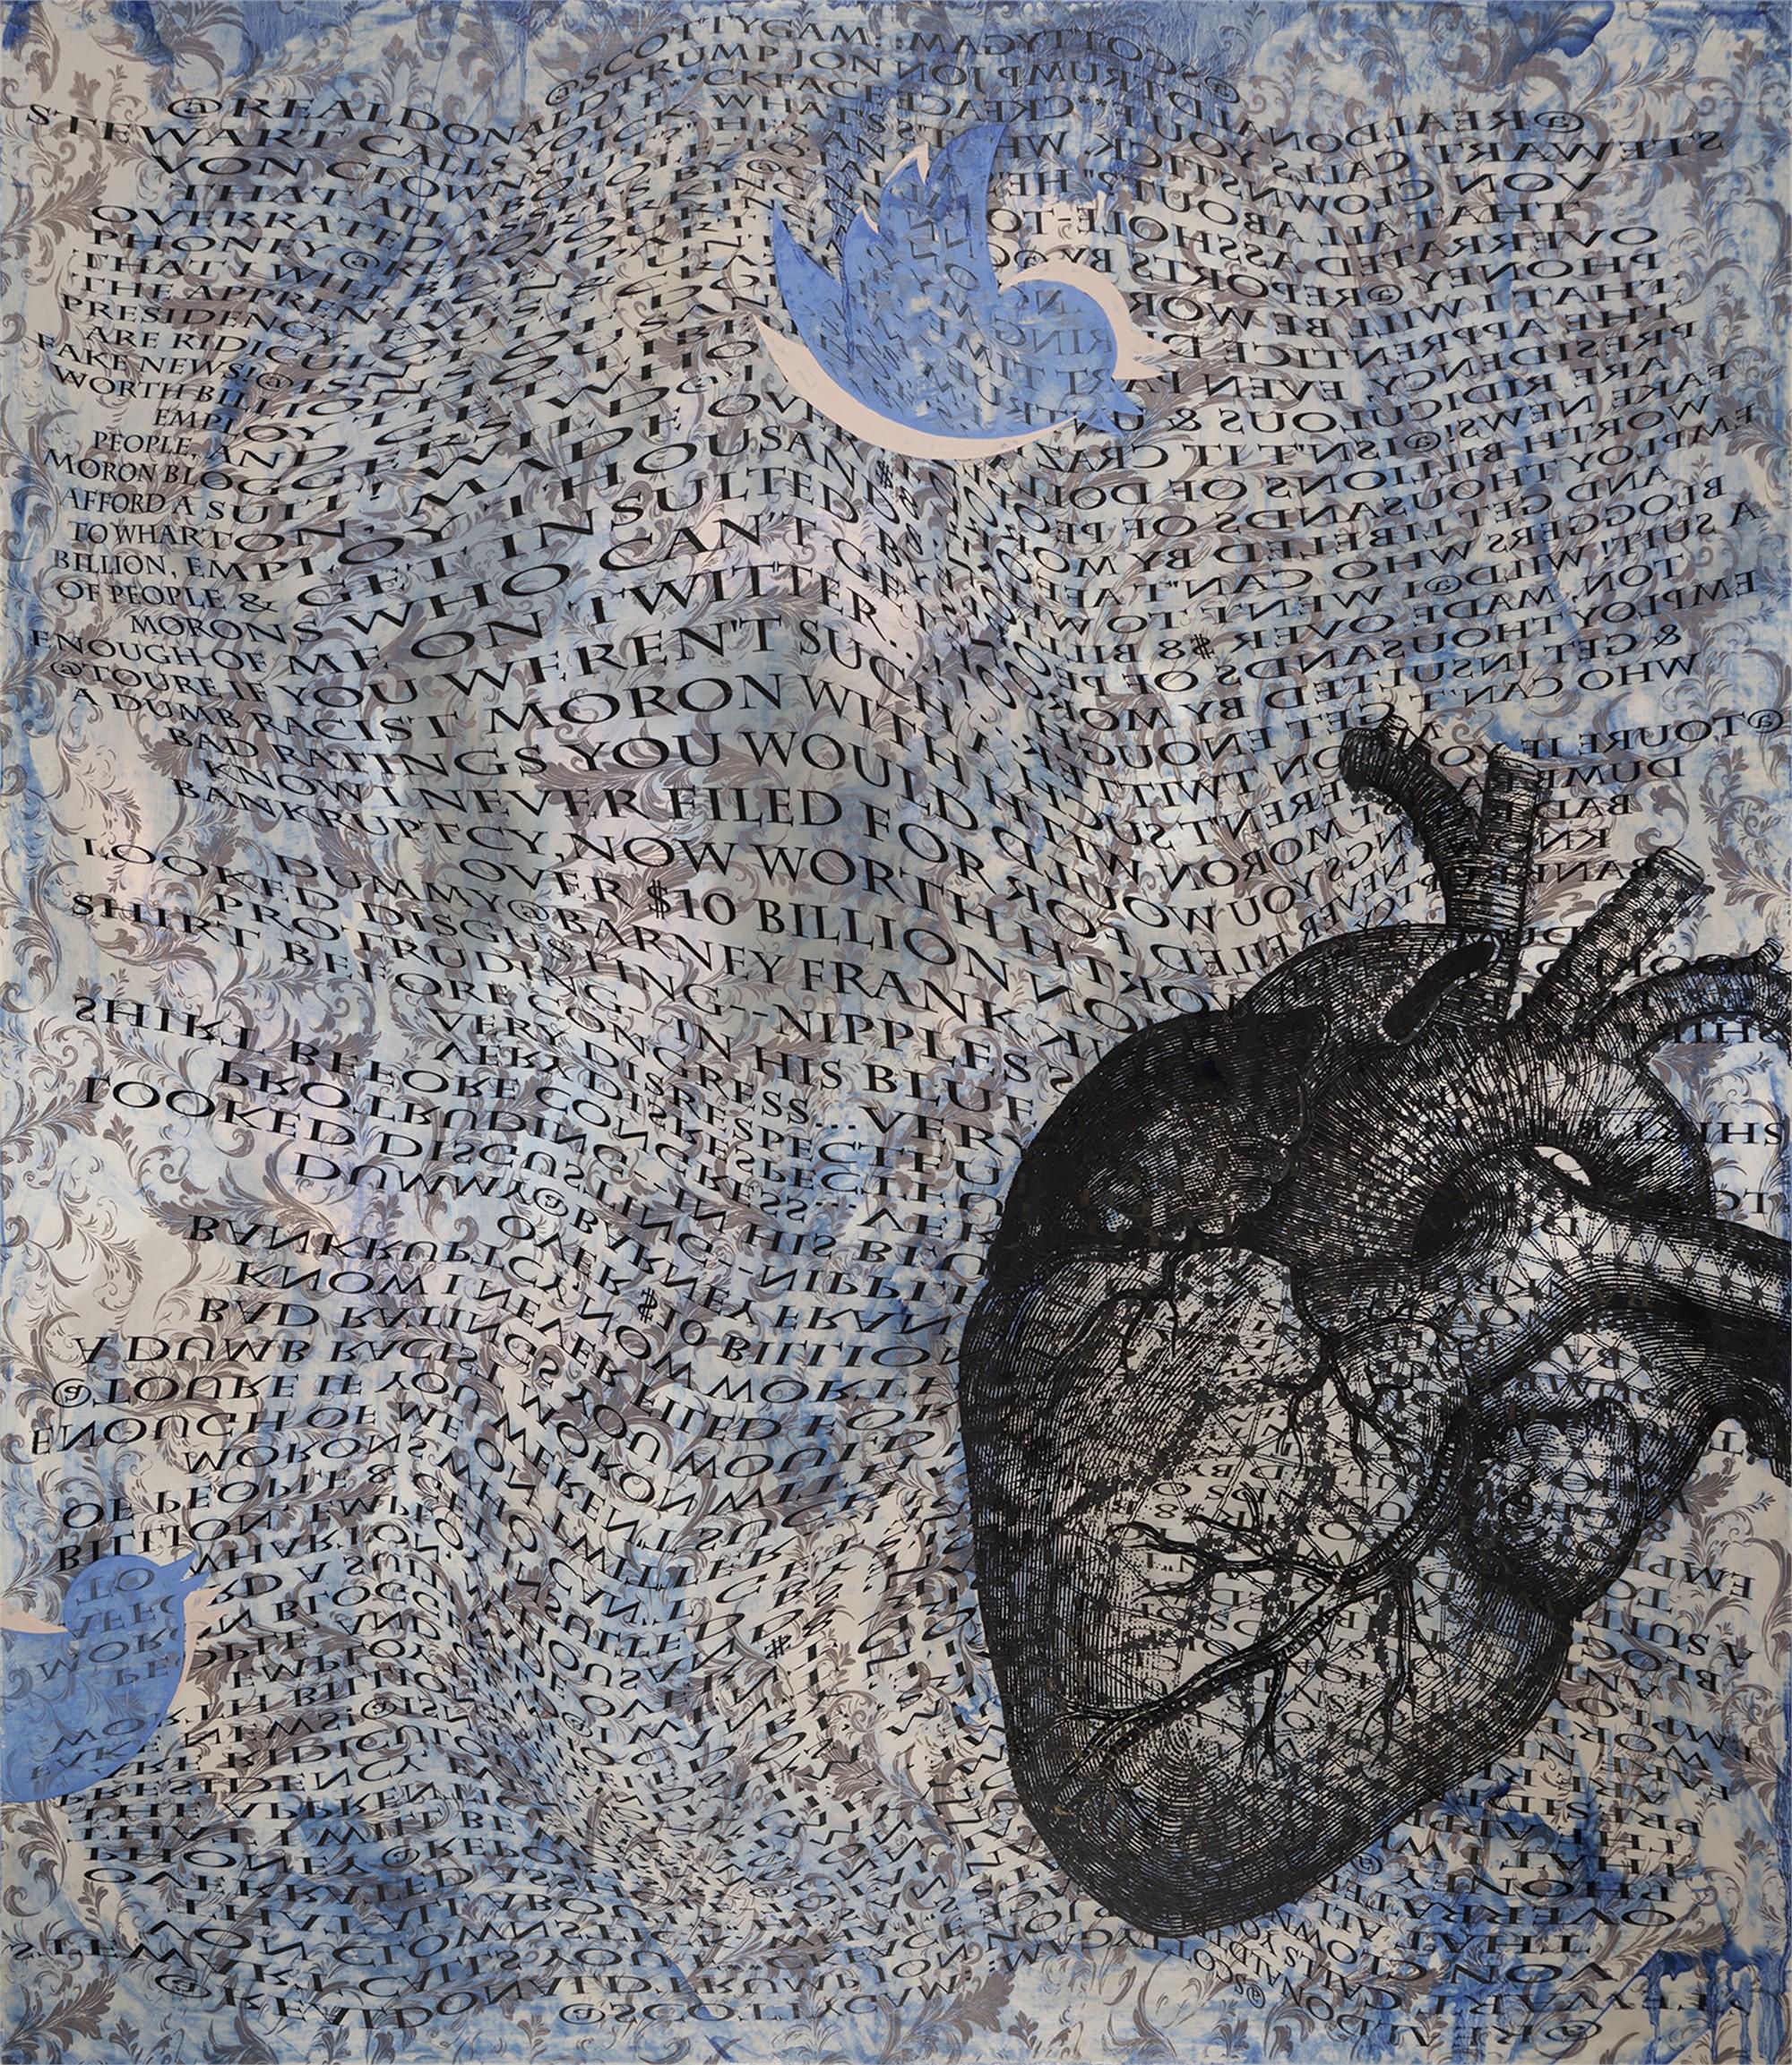 Tweet Heart by Dorothea Van Camp